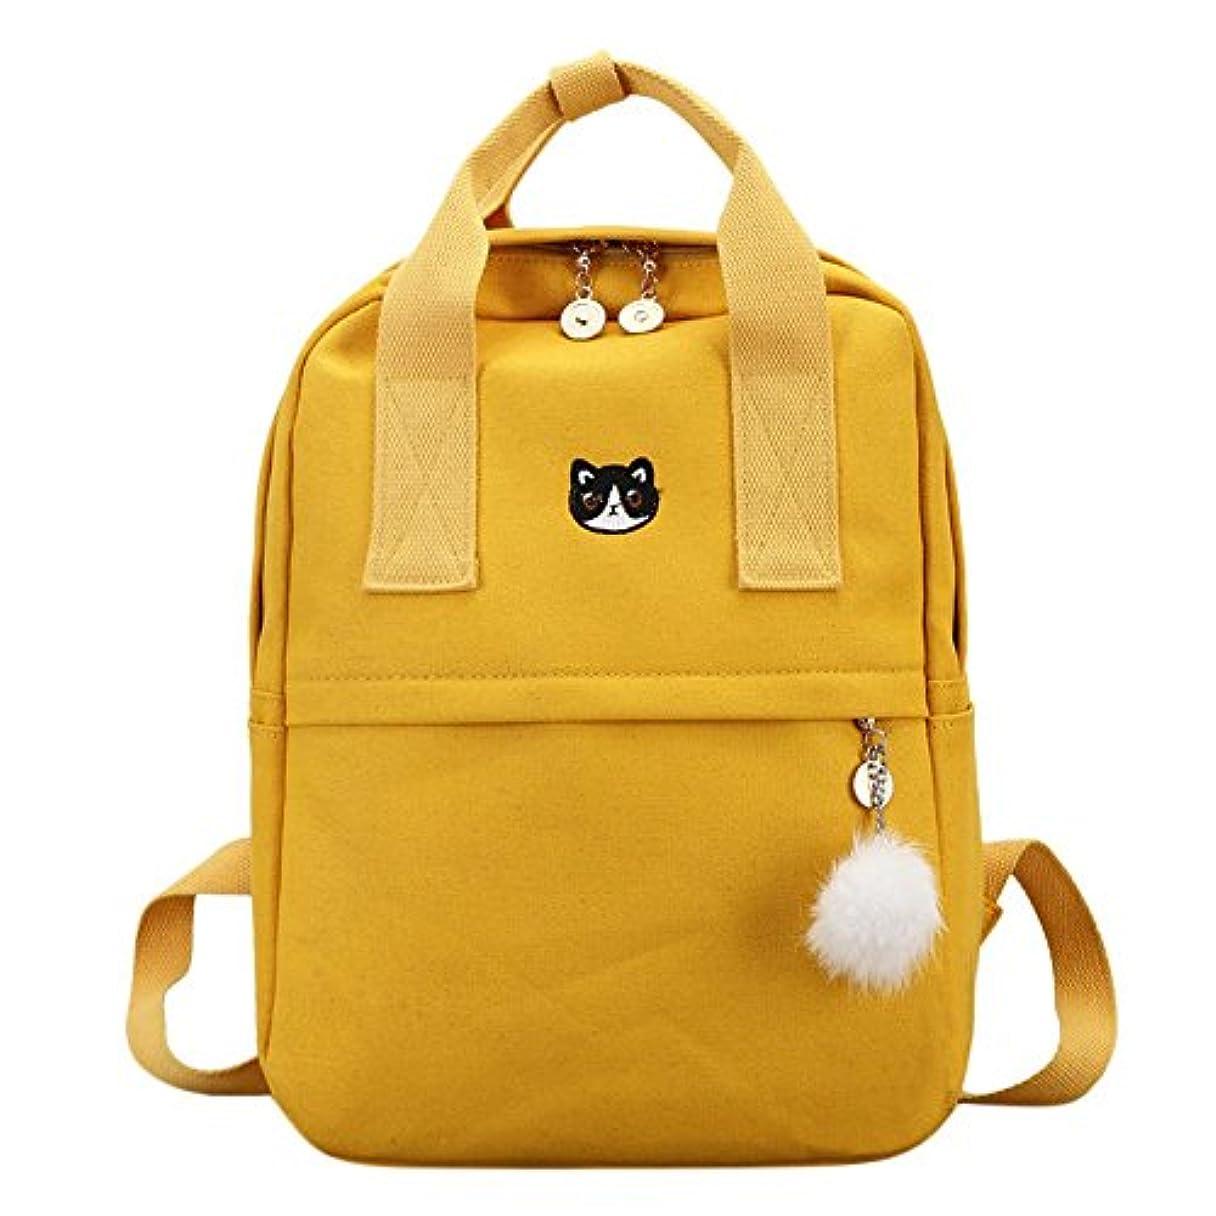 背景ハイランドボルトリュック リュックサック レディース バックパック 可愛い 猫 キャンパス 学生リュック 女の子 ガールズ 多機能 旅行 通勤 通学 ポンポンボール ペンダント Ecotrump